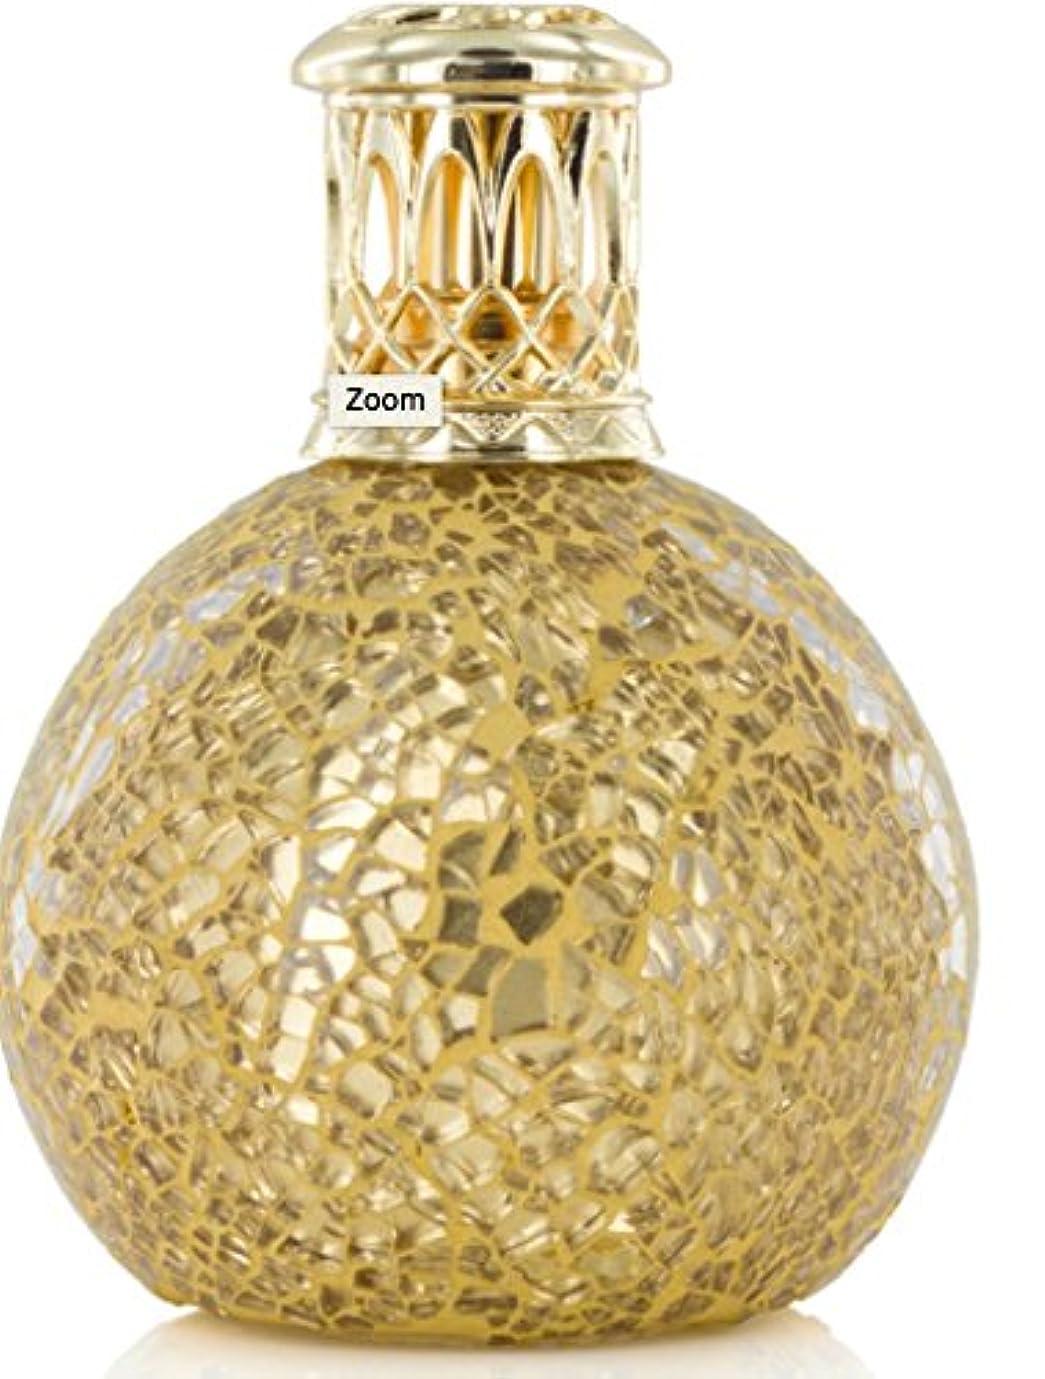 駅重々しい芽Ashleigh&Burwood フレグランスランプ S ゴールデンオーブ FragranceLamps sizeS GoldenOrb アシュレイ&バーウッド